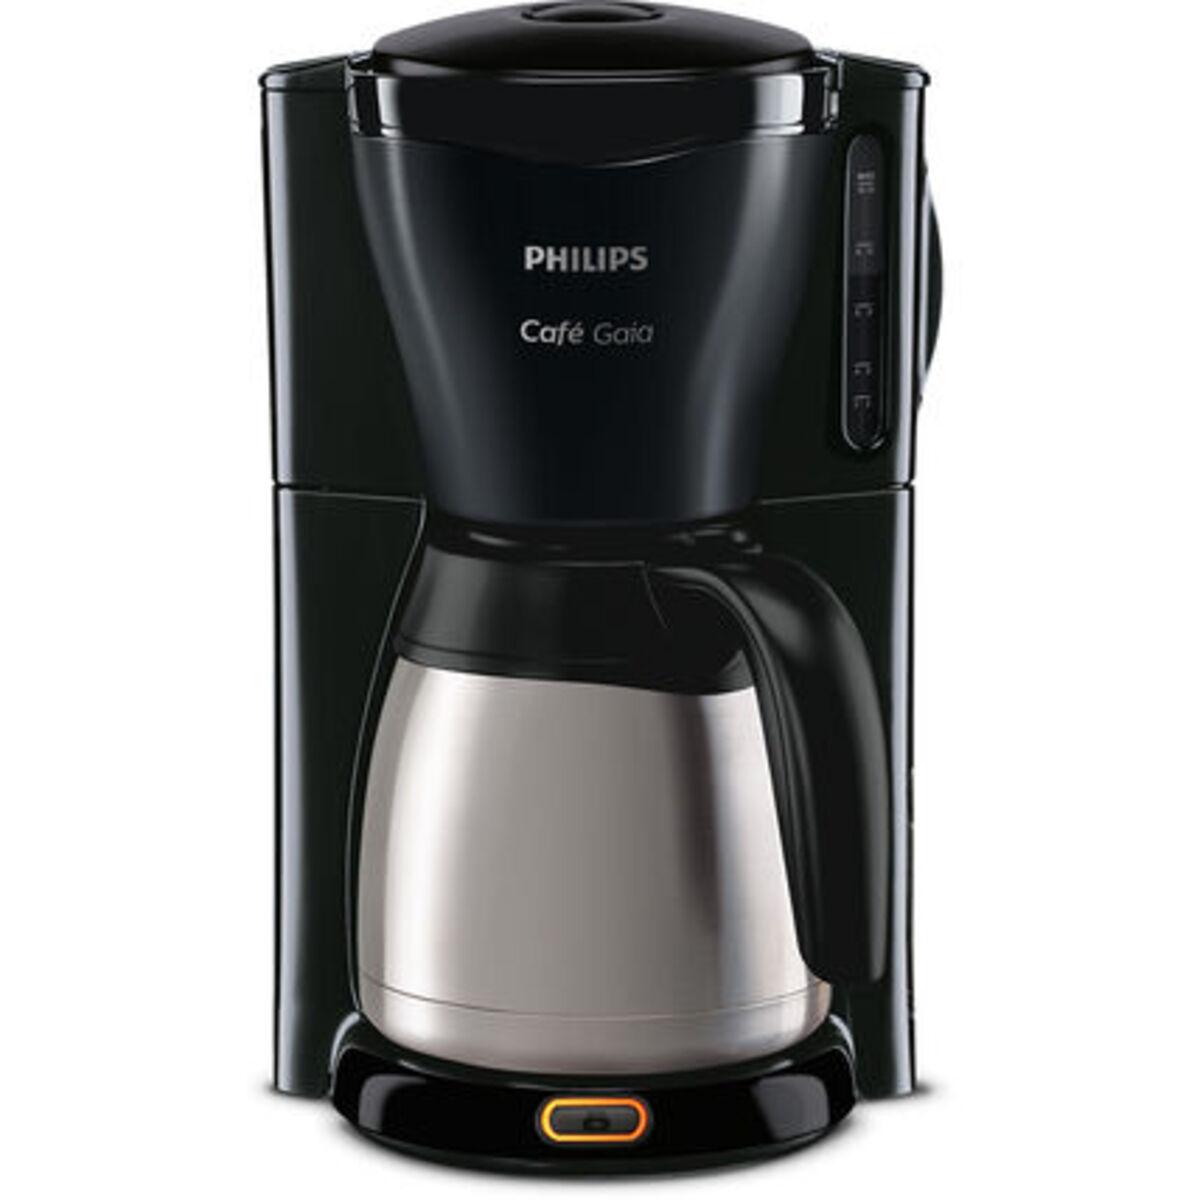 Bild 1 von Philips Thermo-Kaffeeautomat HD7544/20 Café Gaia, schwarz/silber, Edelstahl/schwarz